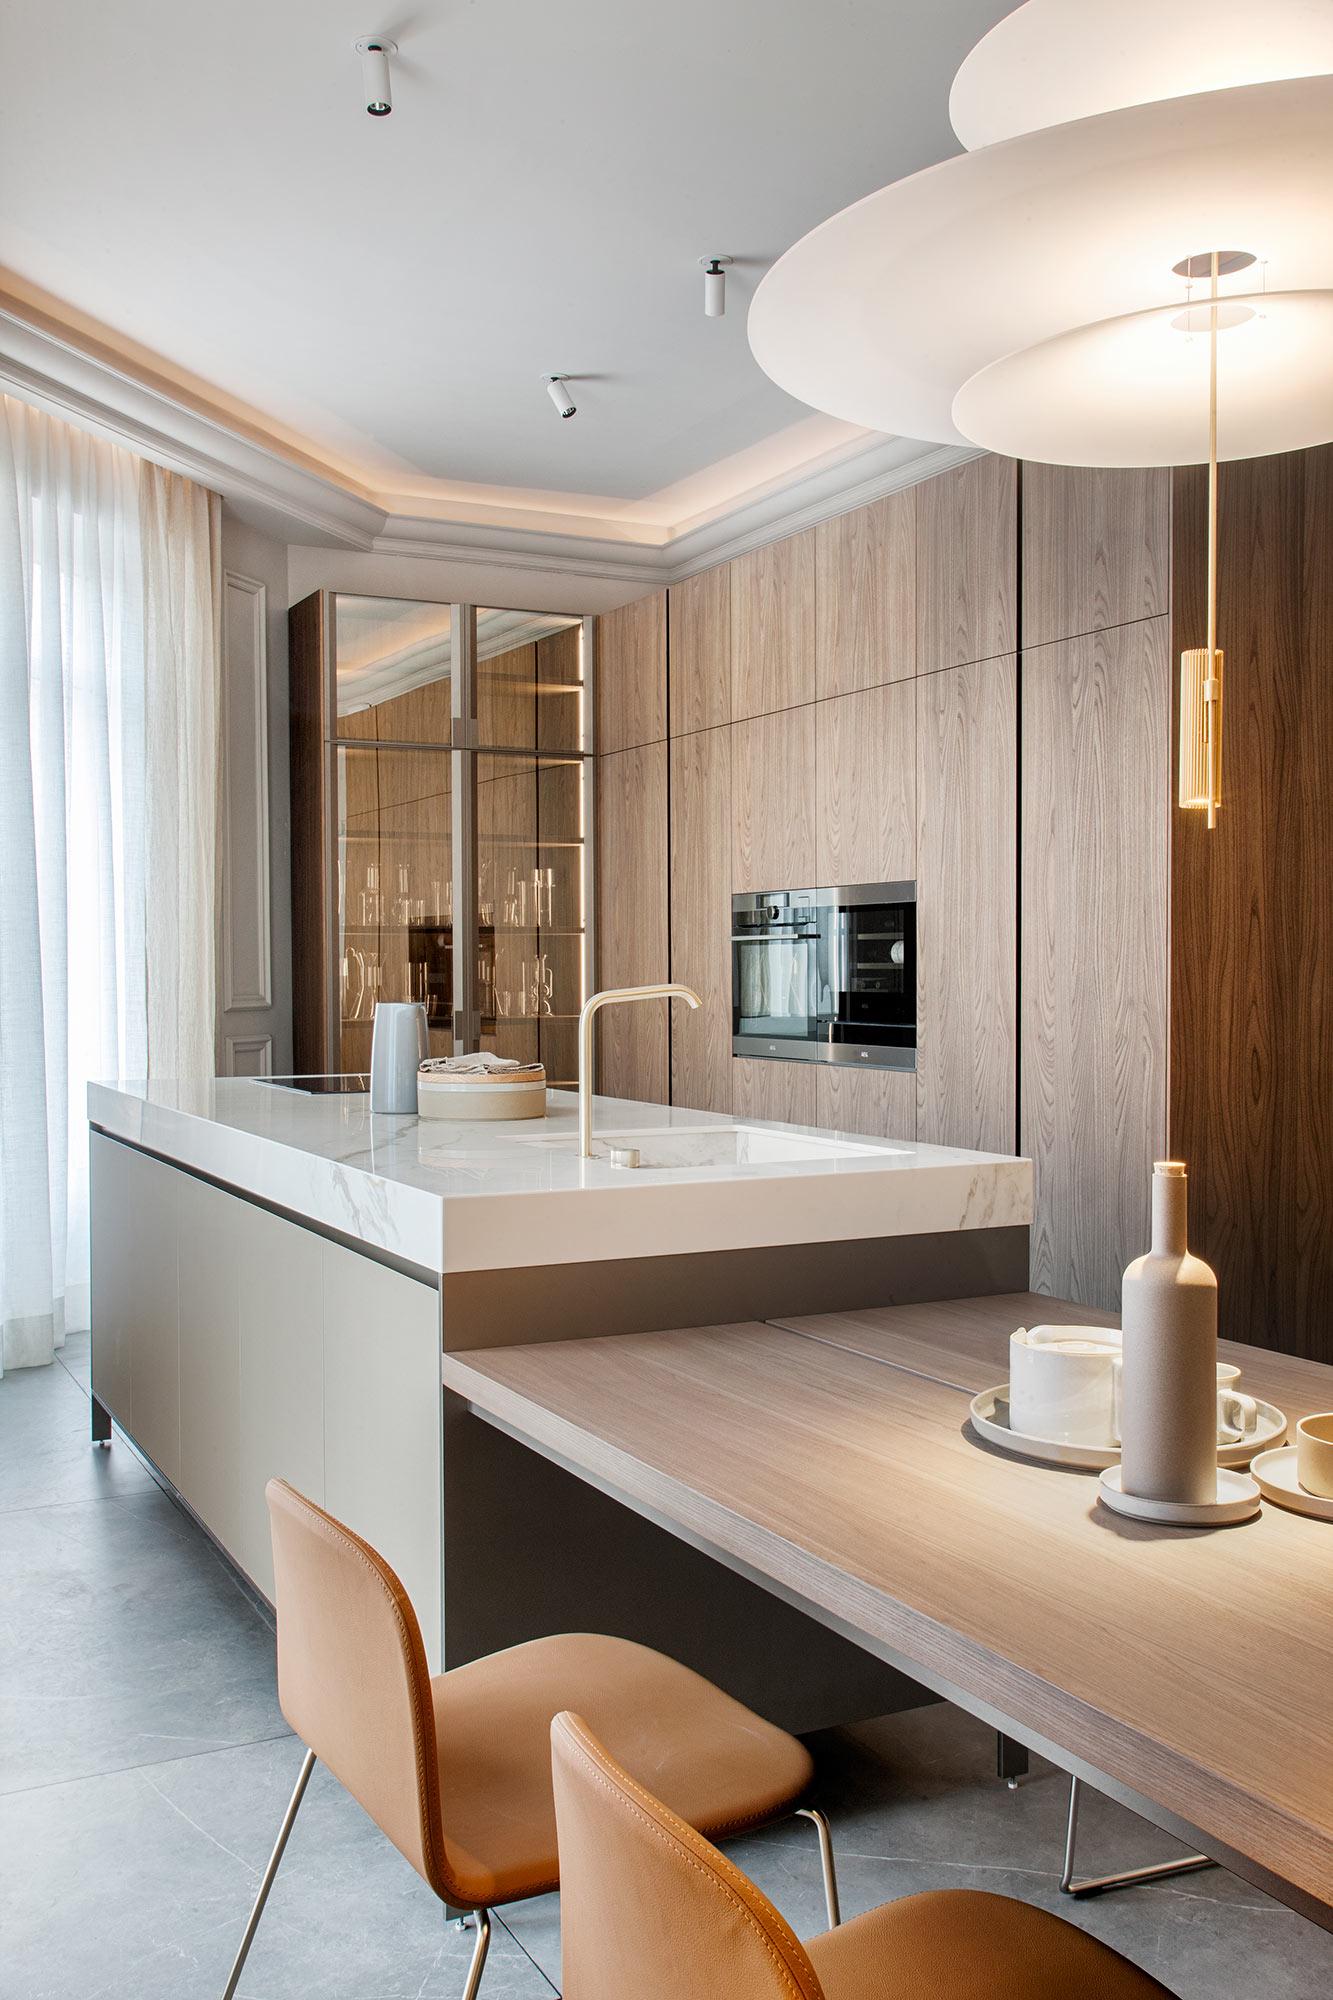 016 Cocina Dica Equipo Dica Casa Decor 2019 Cocina Barcelona